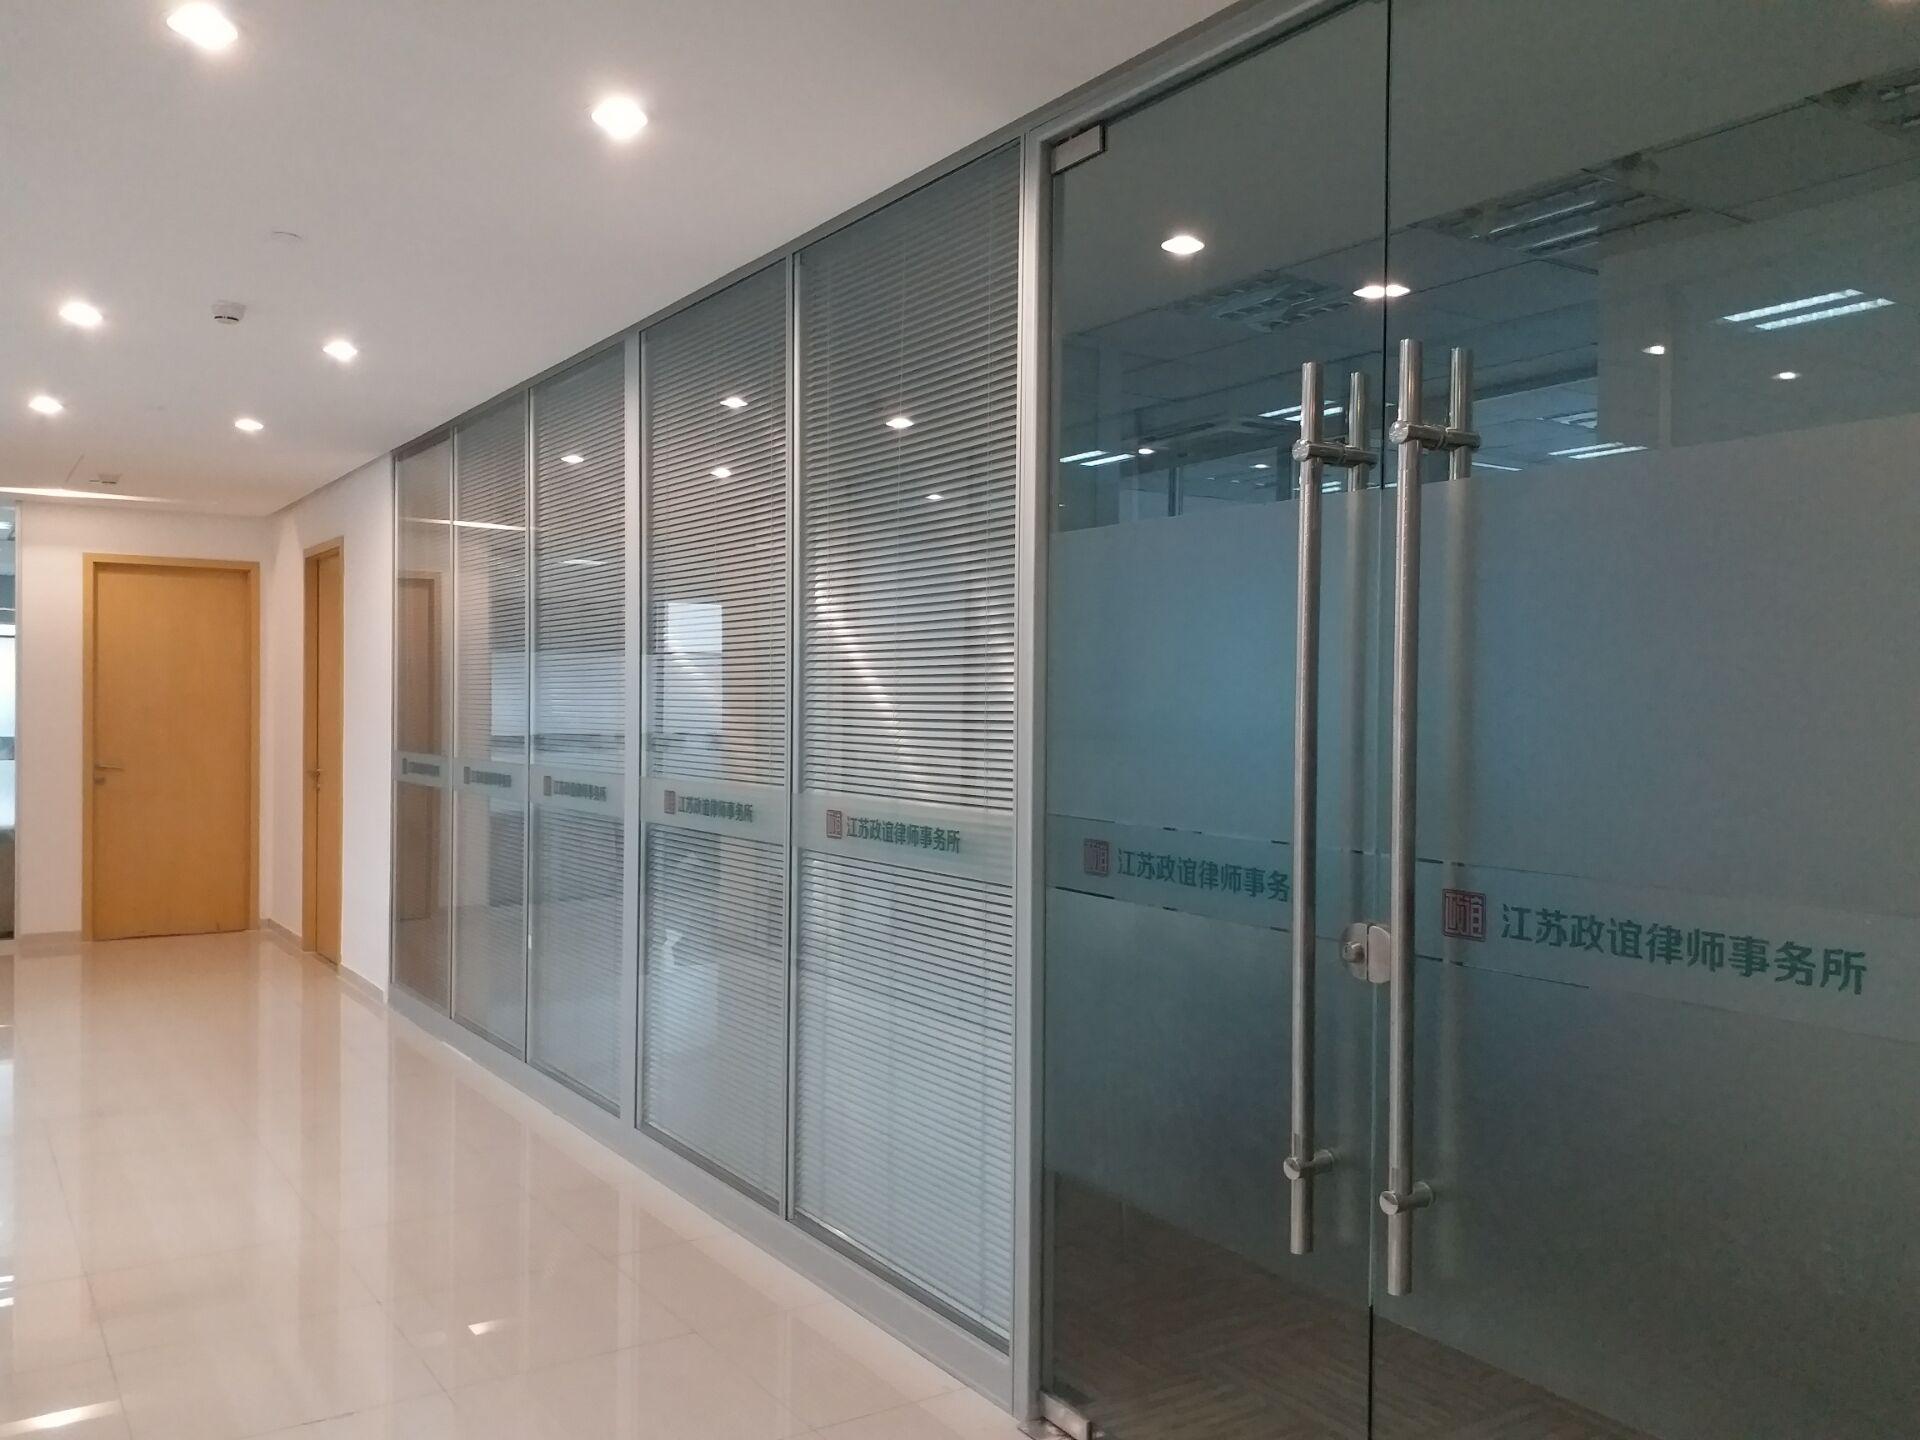 玻璃隔断,又称玻璃隔墙、不锈钢隔断。主要作用就是使用玻璃作为隔墙将空间根据需求划分,更加合理的利用好空间,满足各种居家和办公用途。玻璃隔断墙通常采用钢化玻璃,具有抗风压性,寒暑性,冲击性等优点,所以更加全,固牢和耐用,而且玻璃打碎后对人体的伤害比普通玻璃小很多。材质方面有三种类型:单层,双层和艺术玻璃。当然一切根据客户需求来做。优质的隔断工程应该是采光好、隔音防火佳、环保、易安装并且玻璃可重复利用。 上海欧心装饰工程有限公司以实用主义为基础,结合极简主义美学,将空间隔断与现代人文、哲学、艺术相融合;致力